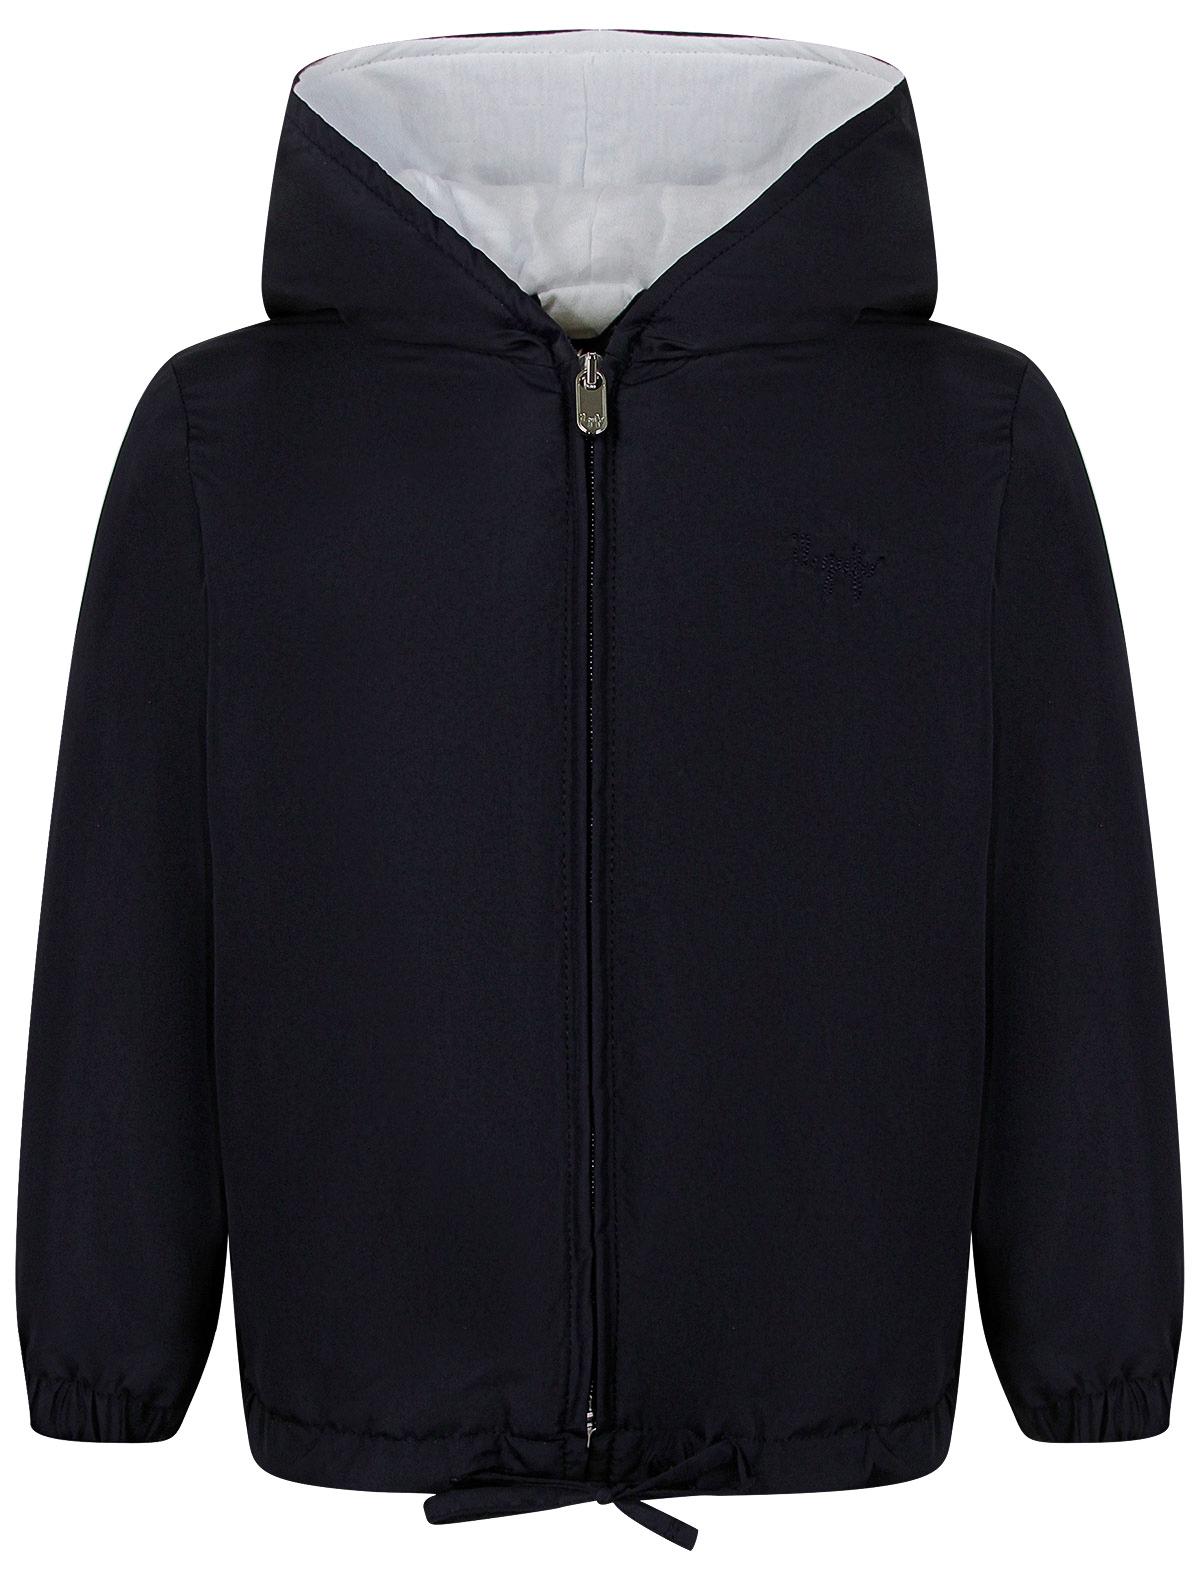 Купить 2281329, Куртка Il Gufo, синий, Мужской, 1074519170133